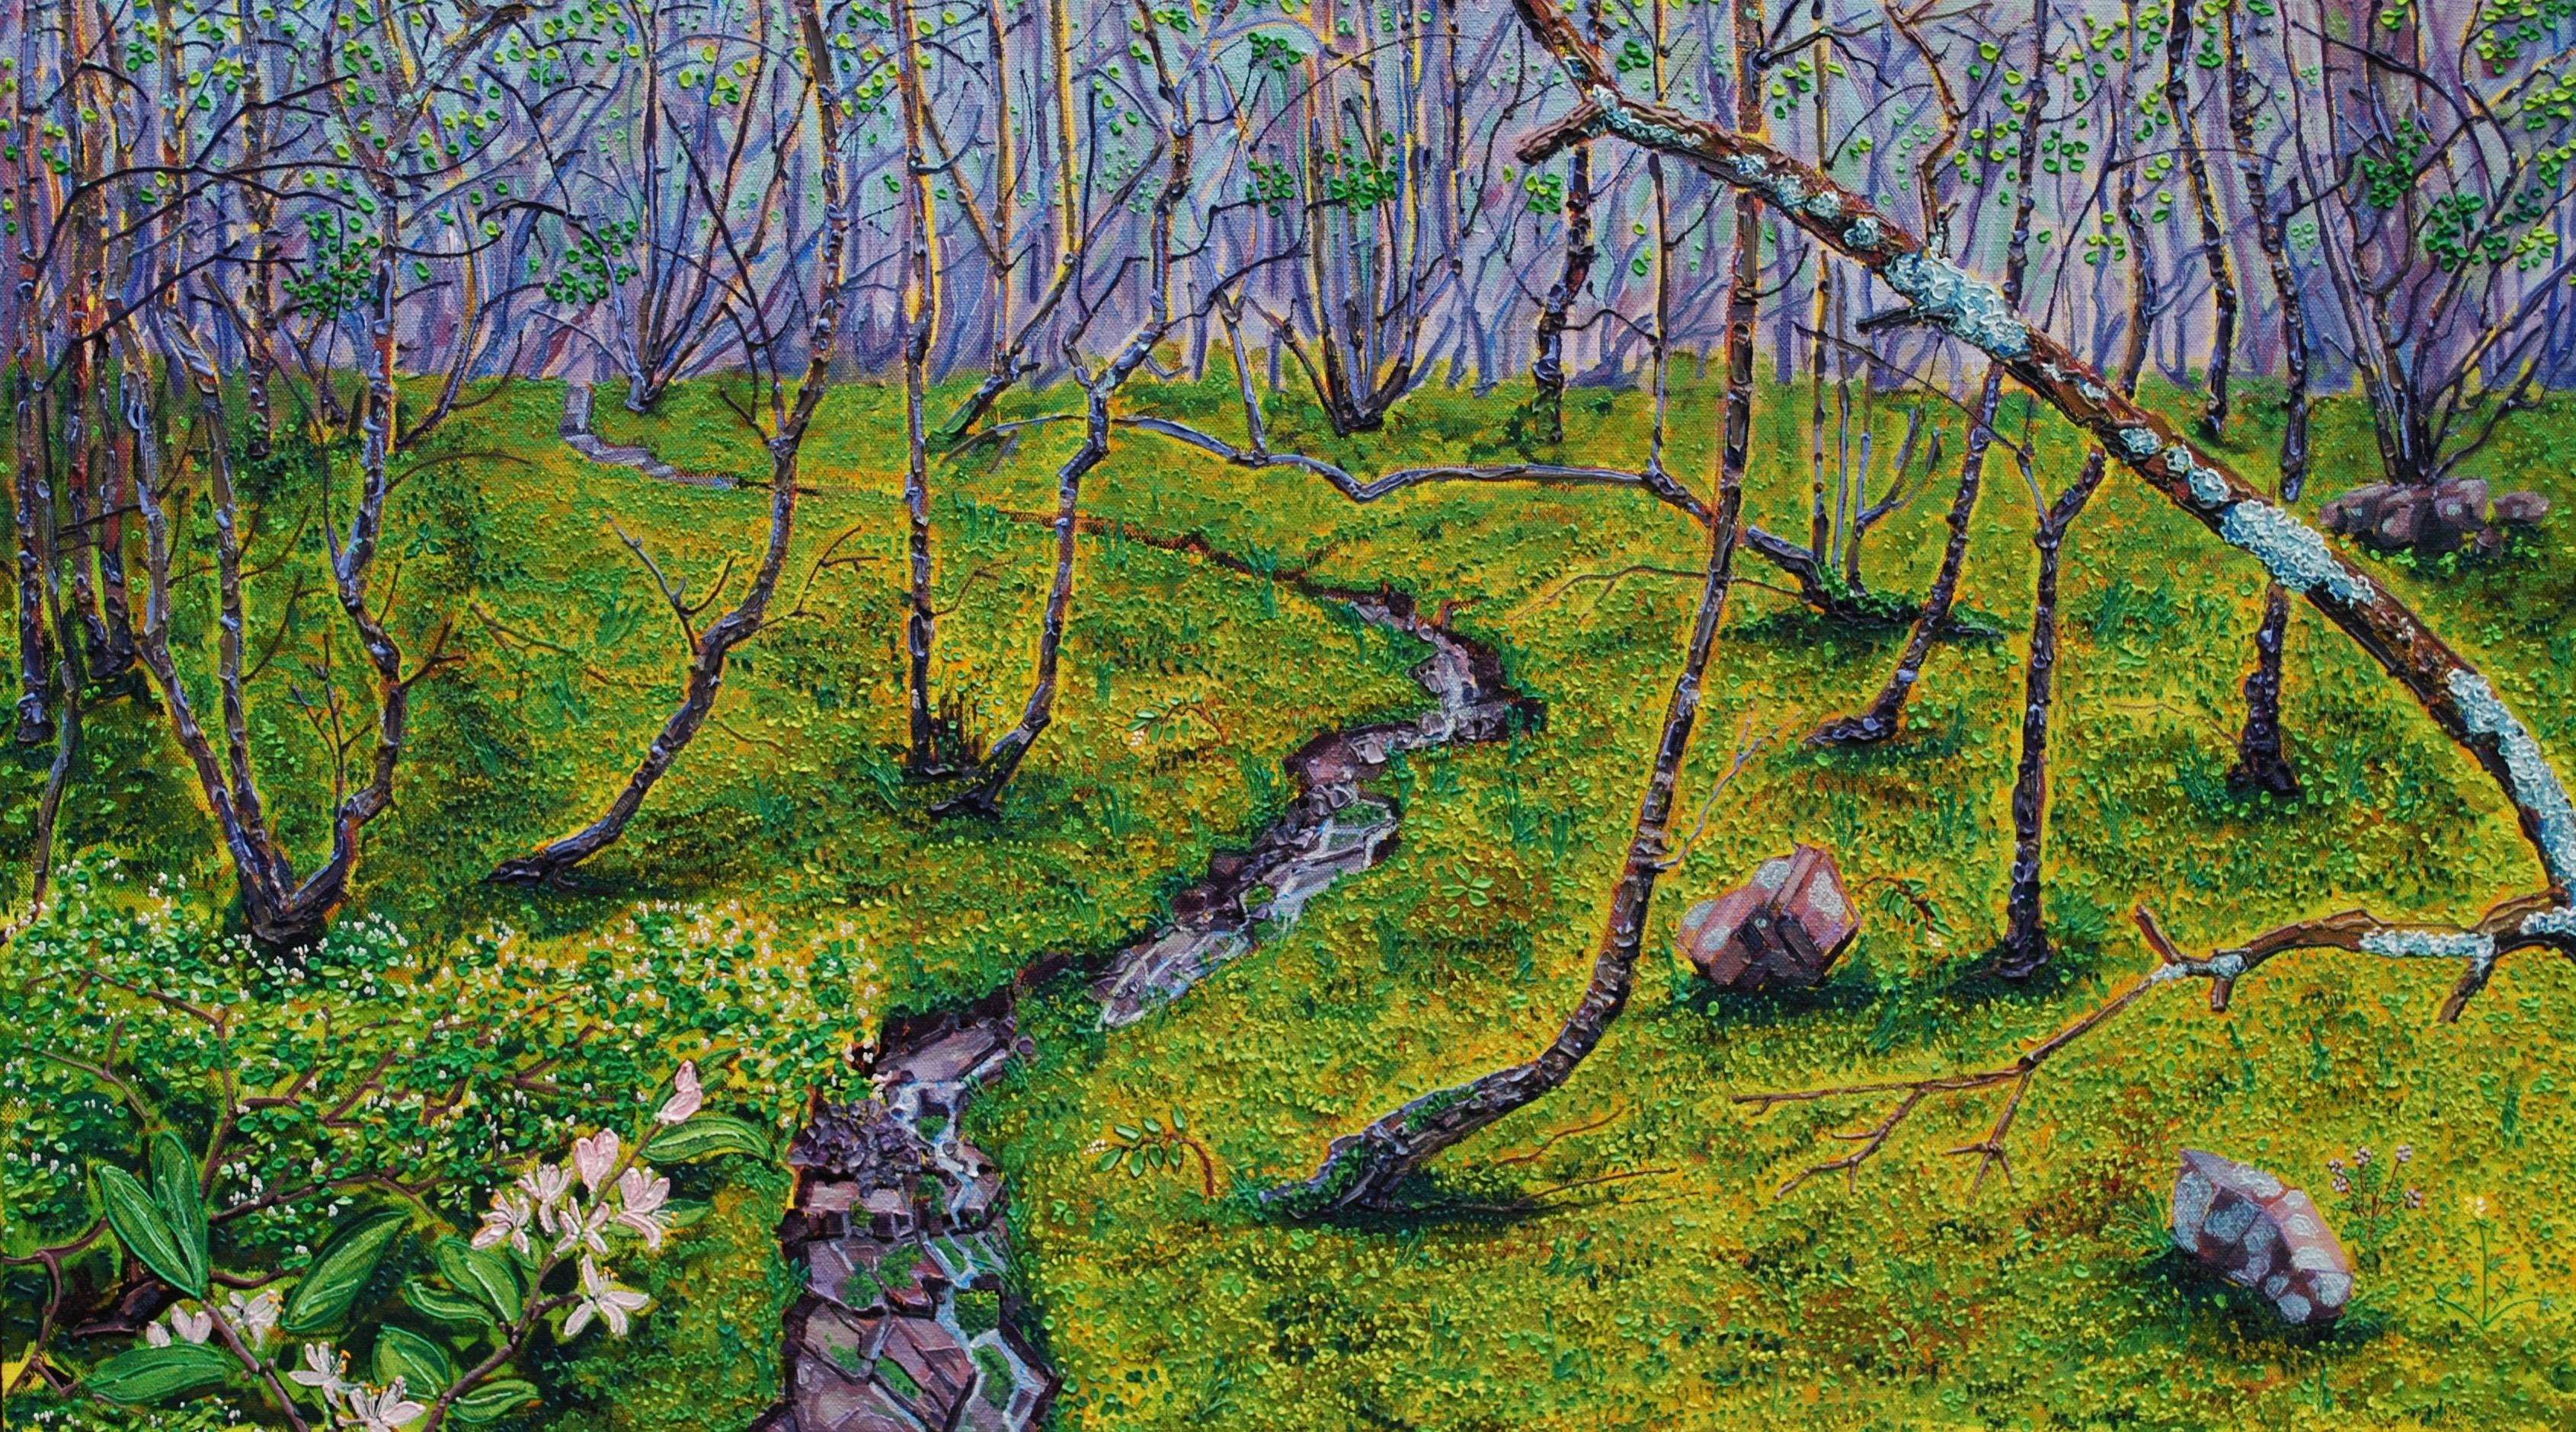 Sanctum of Moss